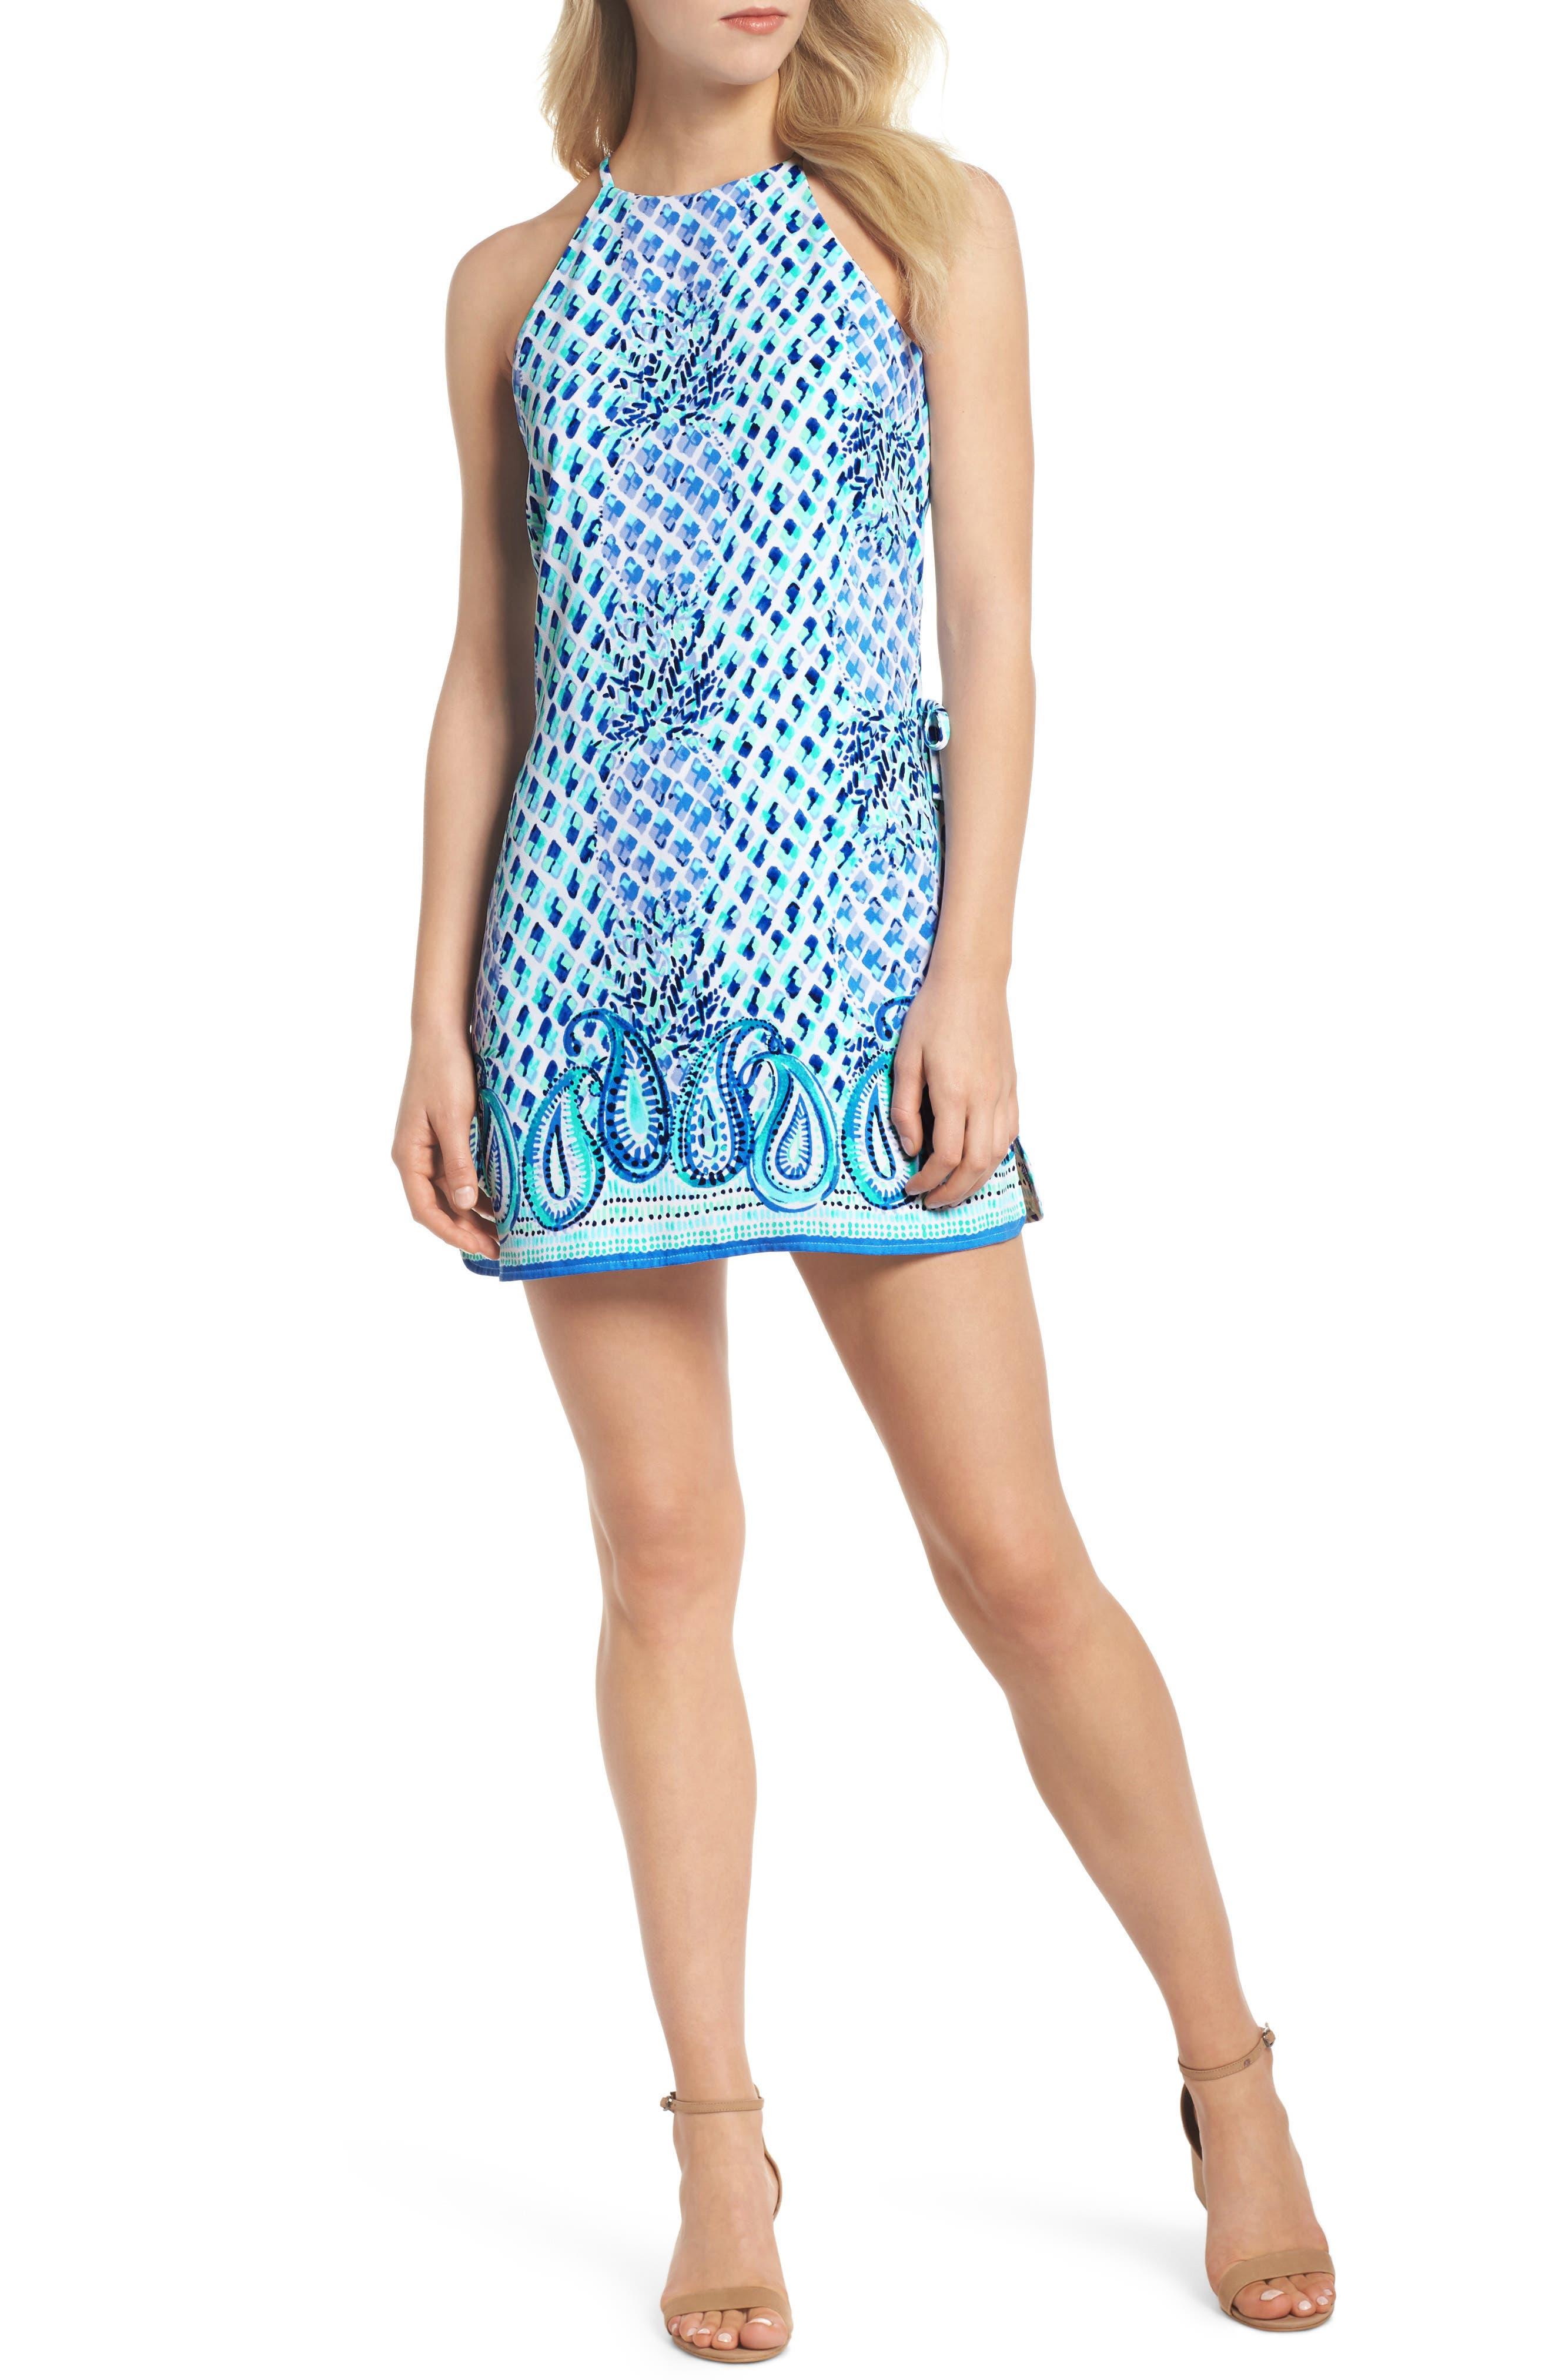 Pearl Romper Dress,                             Main thumbnail 1, color,                             Resort White Toe In